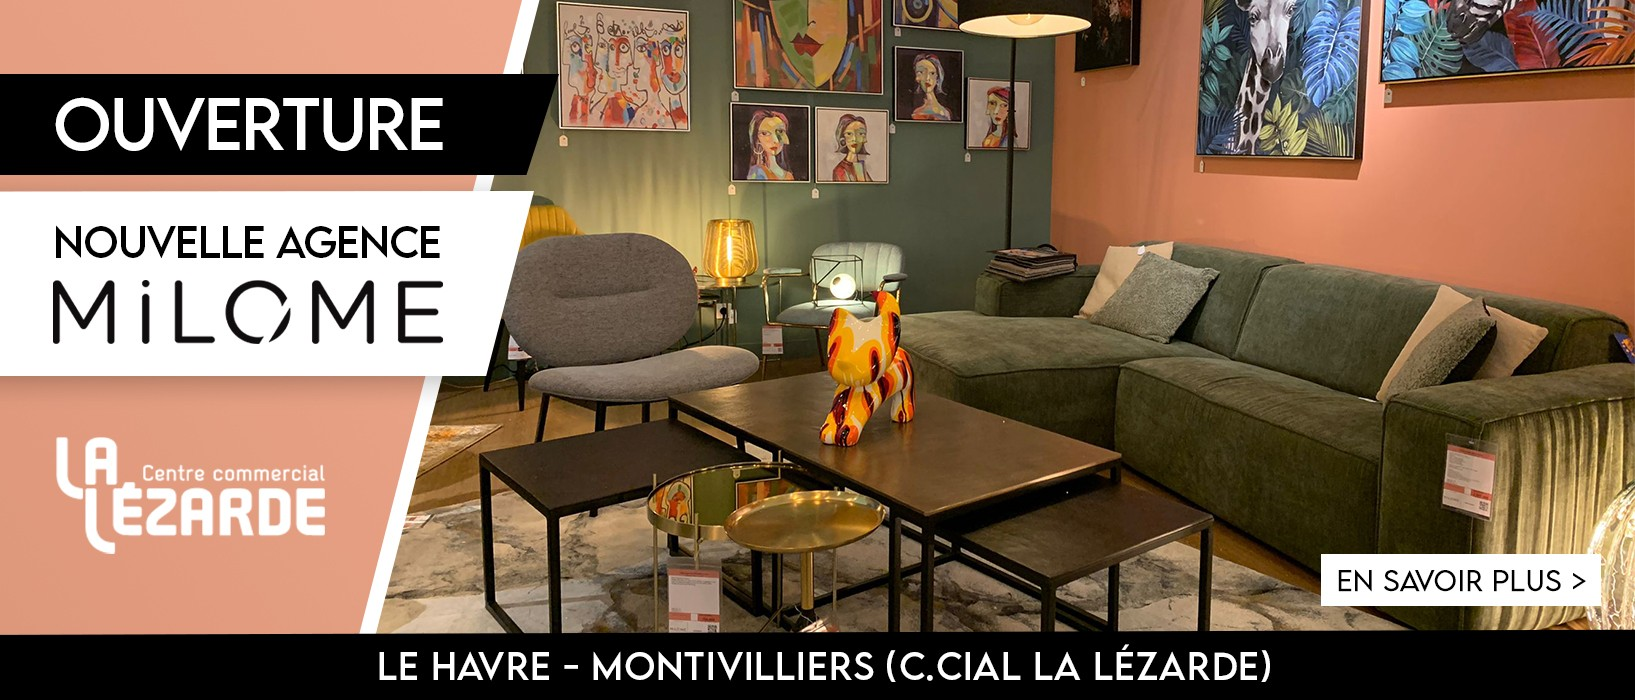 Ouverture MiLOME - La Lézarde, Montivilliers (76)